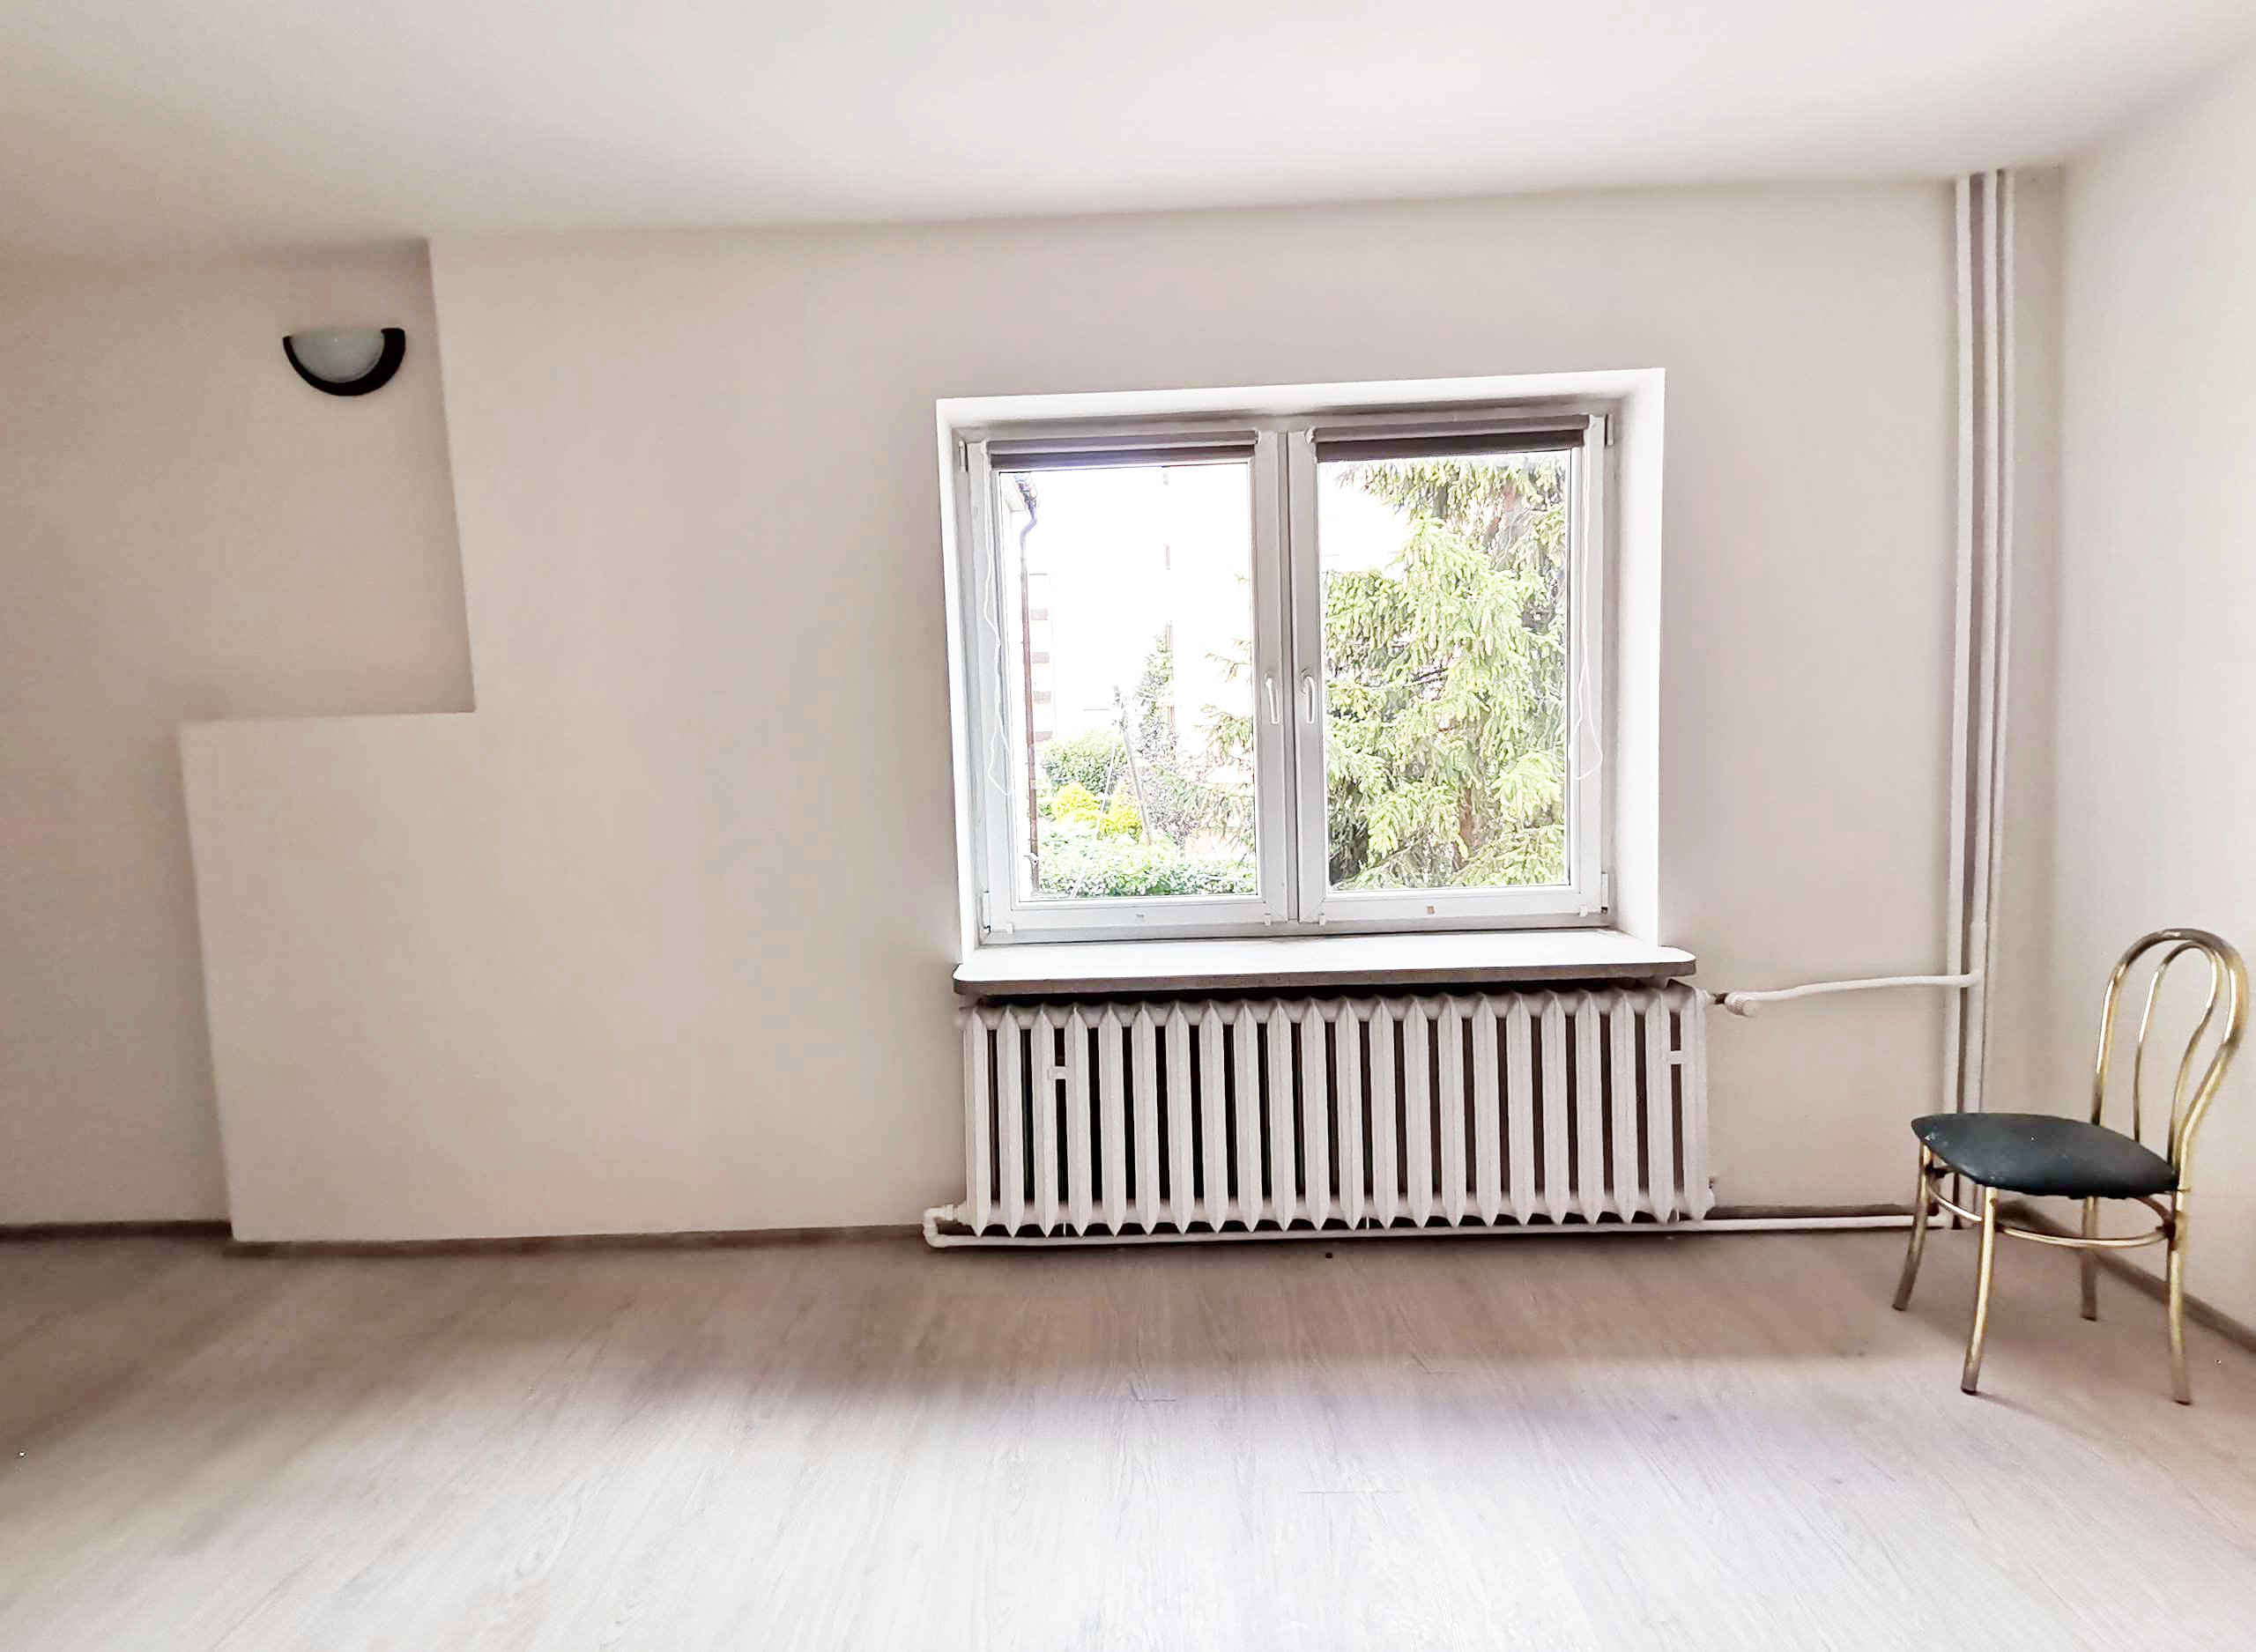 mieszkanie zamosc wynajem - mieszkanie do wynajęcia - Krzysztof Górski Nieruchomości Zamość